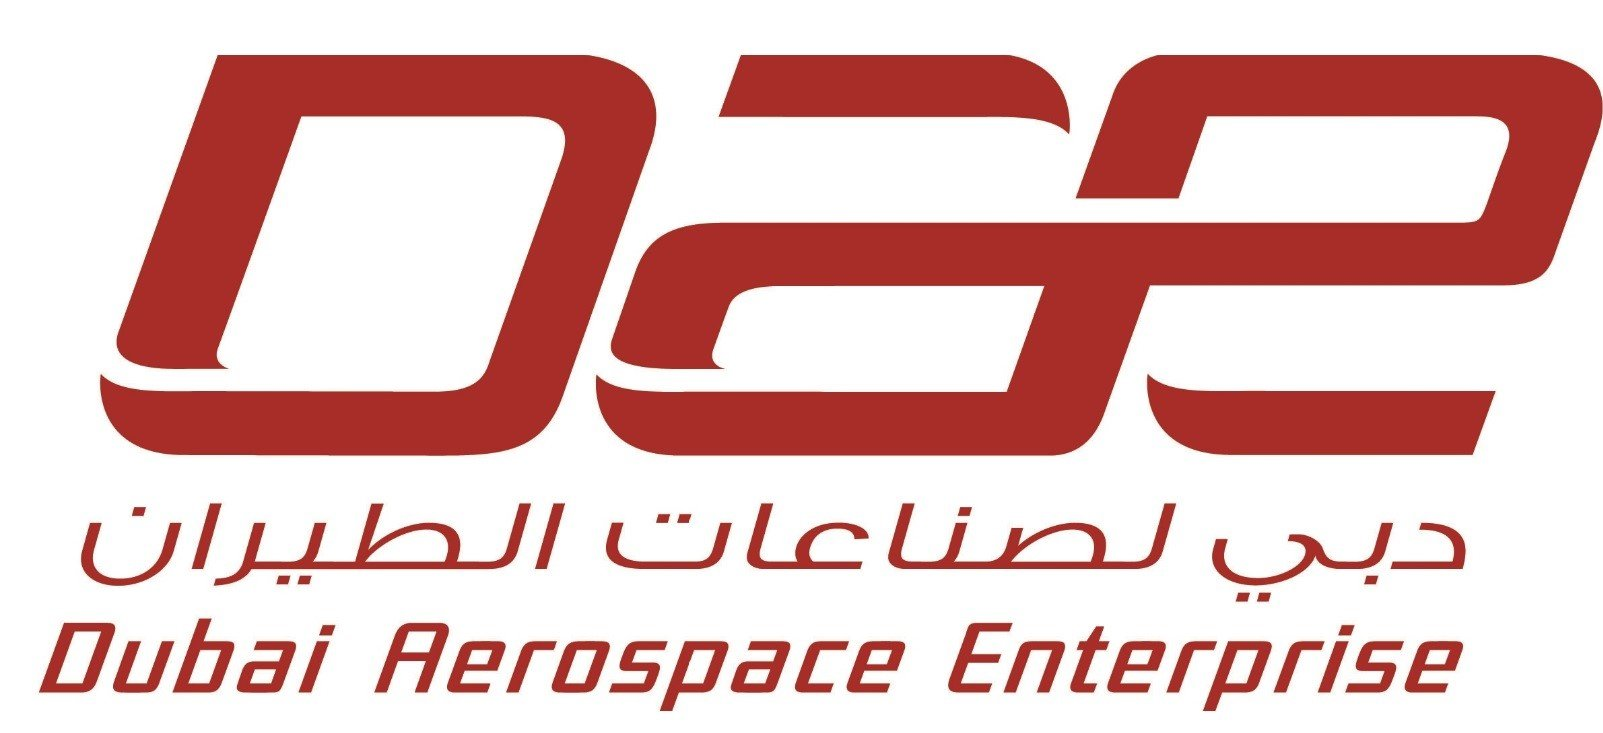 """""""فتيش"""" تمنح """"دبي لصناعات الطيران"""" تصنيف BBB مع نظرة مستقبلية مستقرة"""